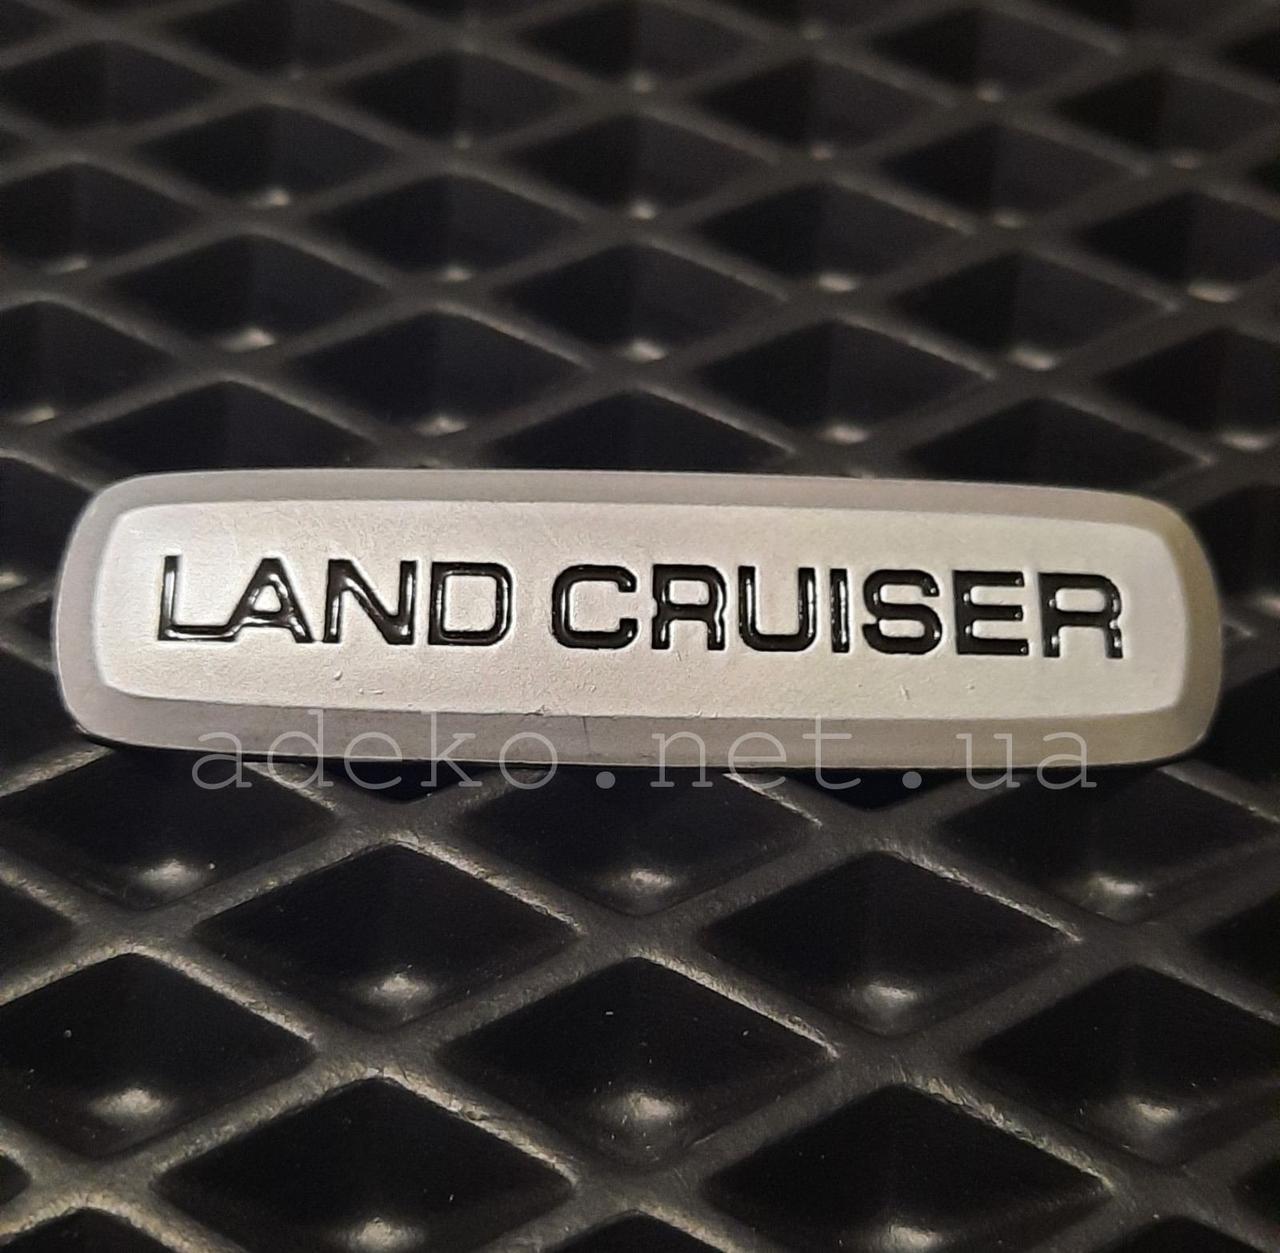 Шильдик Land Cruiser для єва килимків в салон автомобіля